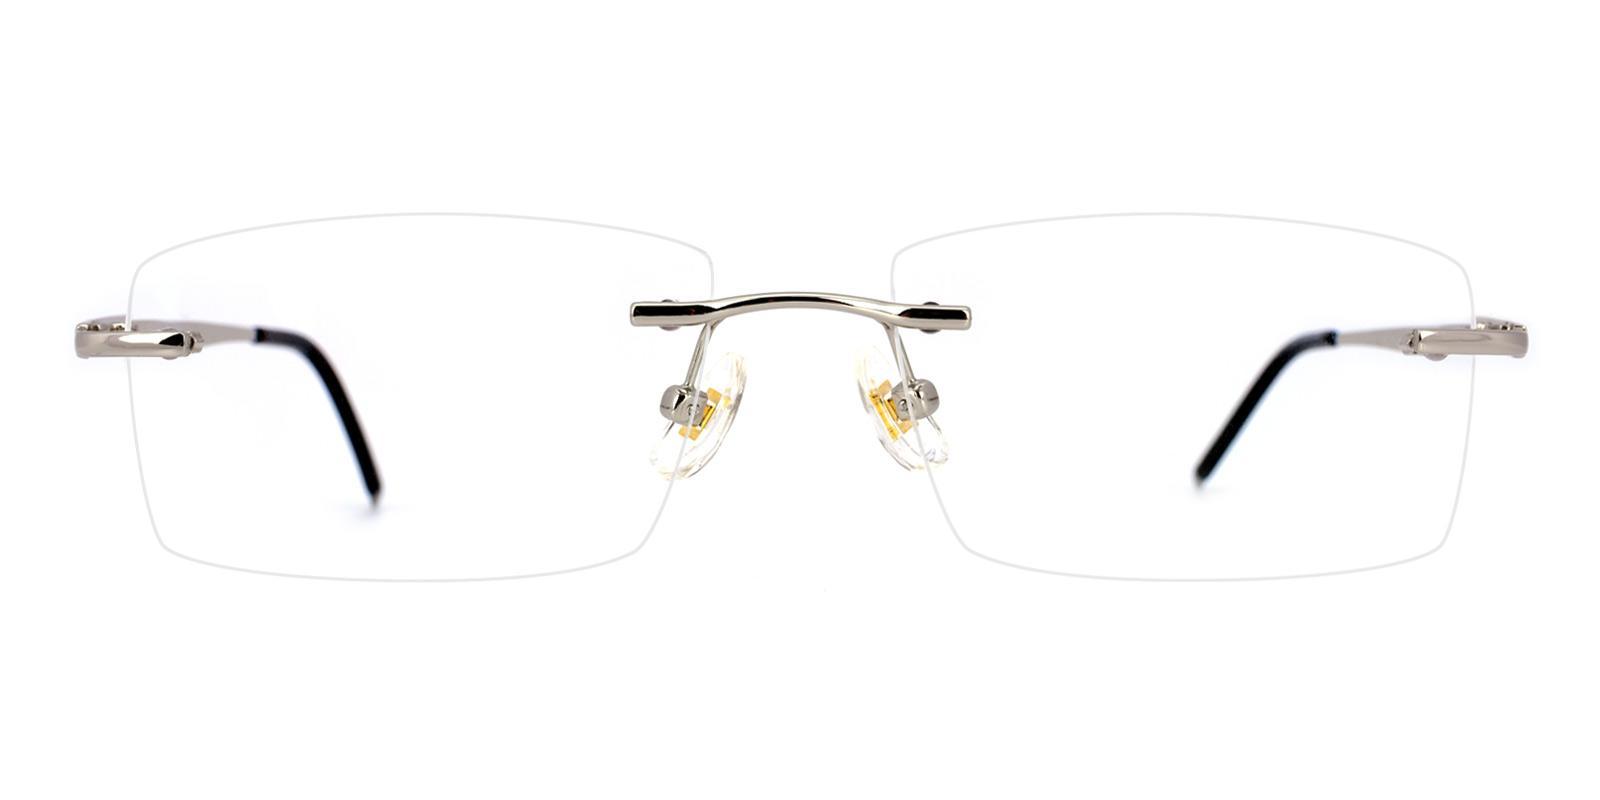 Edison-Silver-Varieties-Titanium-Eyeglasses-additional2